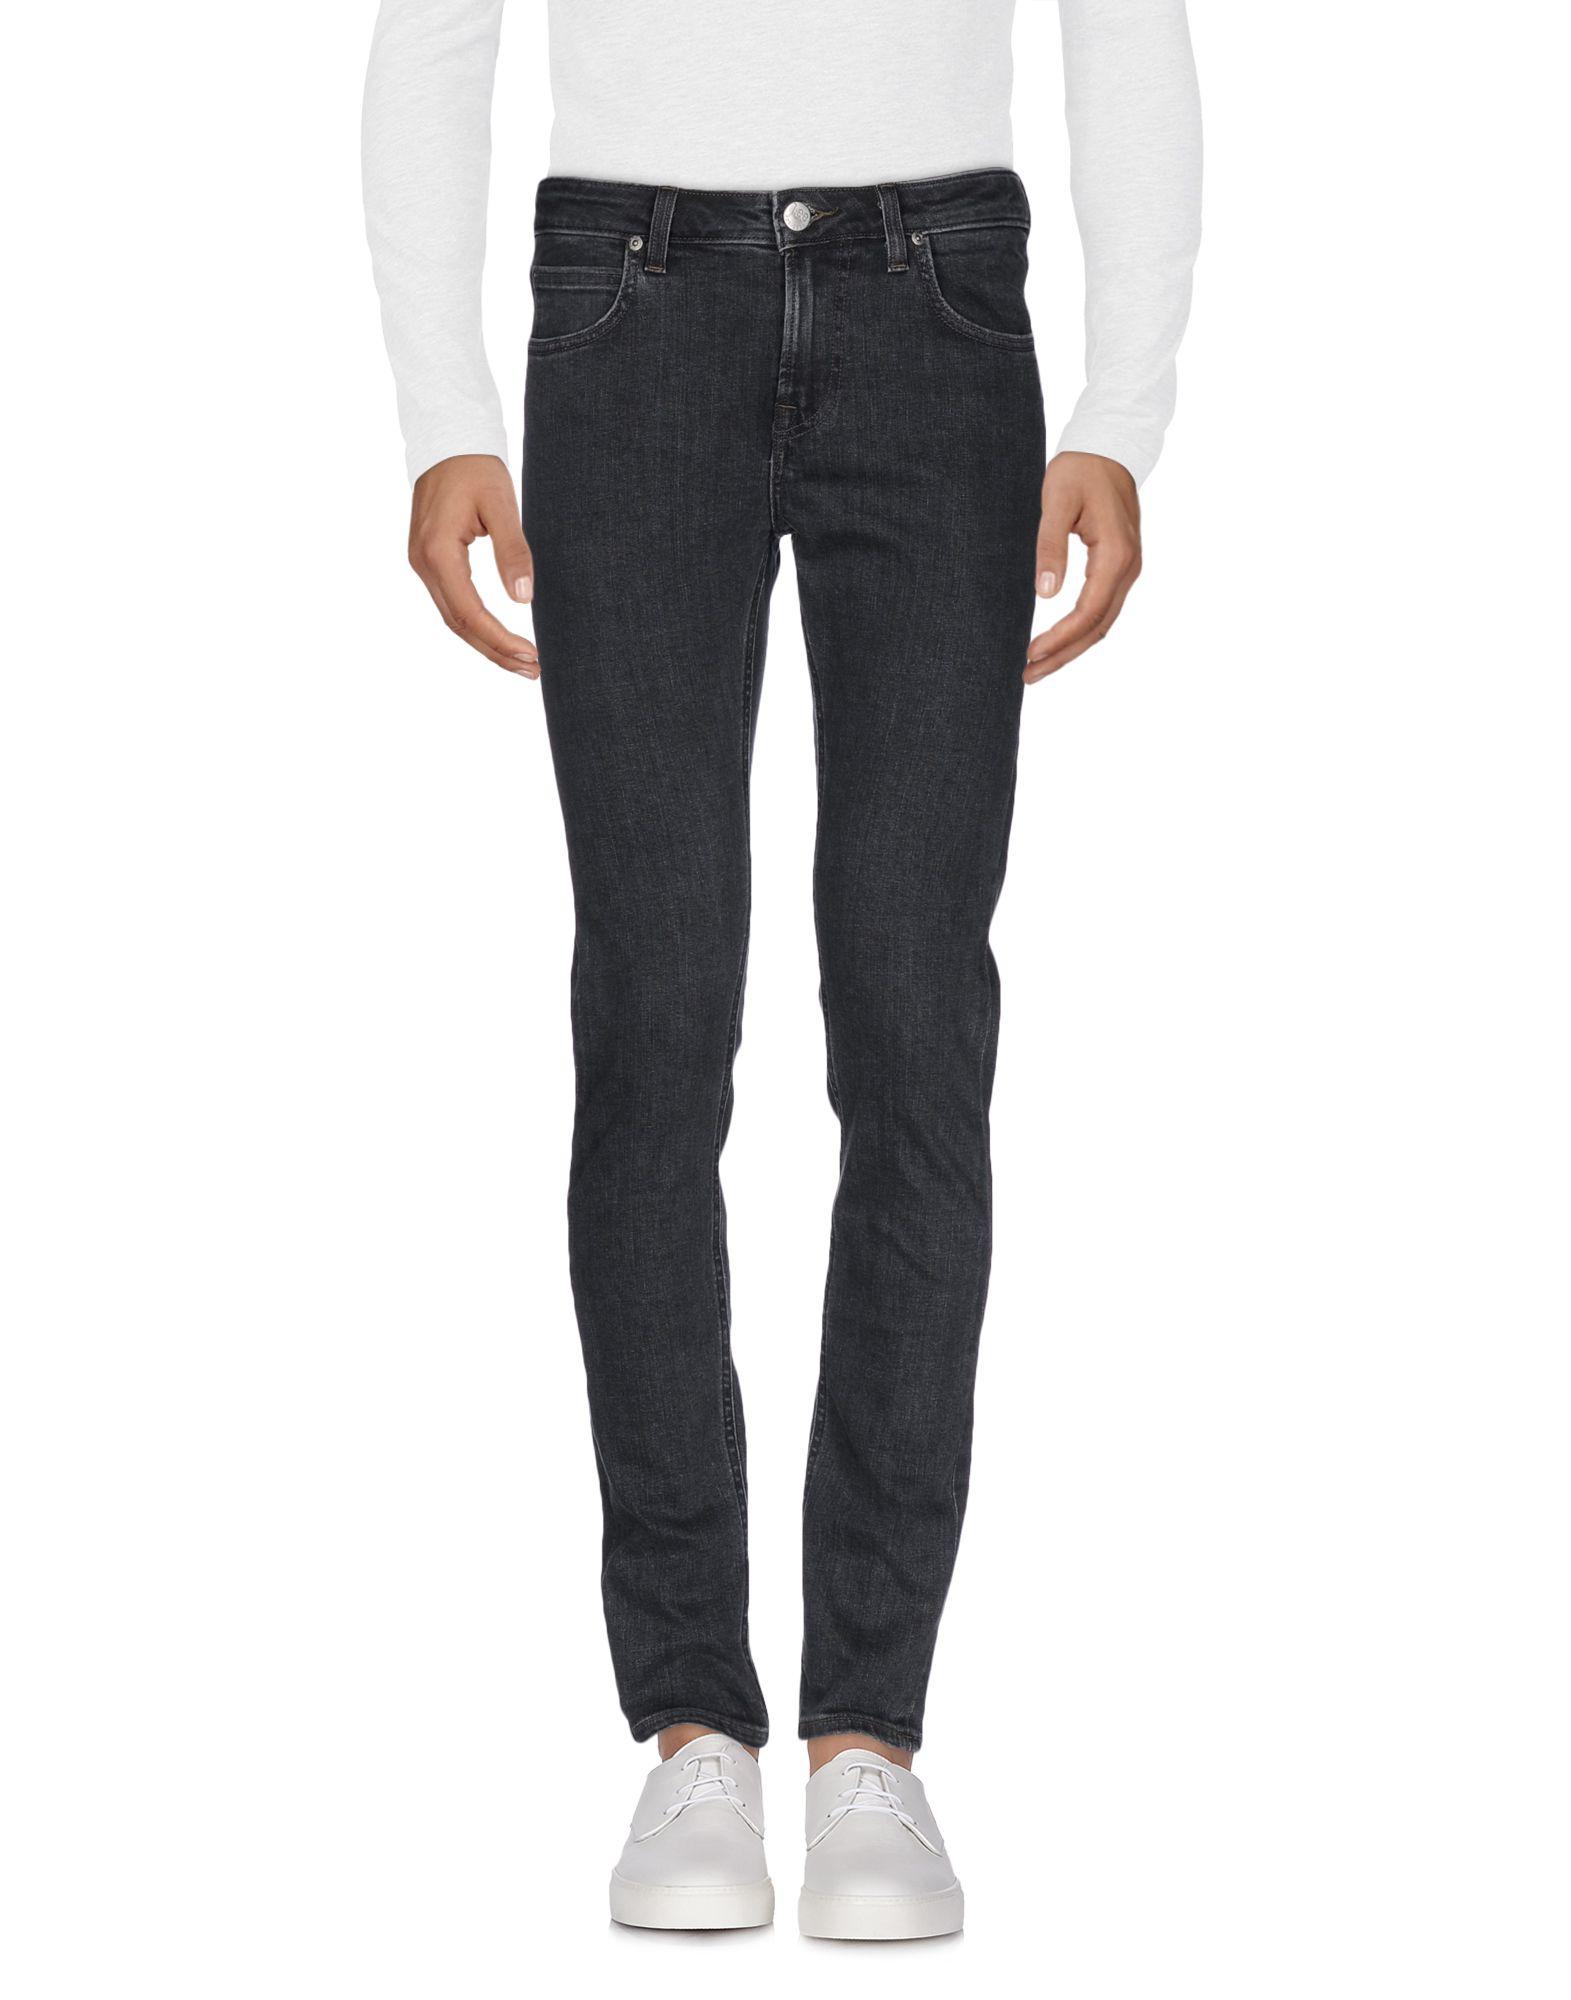 lee black jeans for men - photo #7